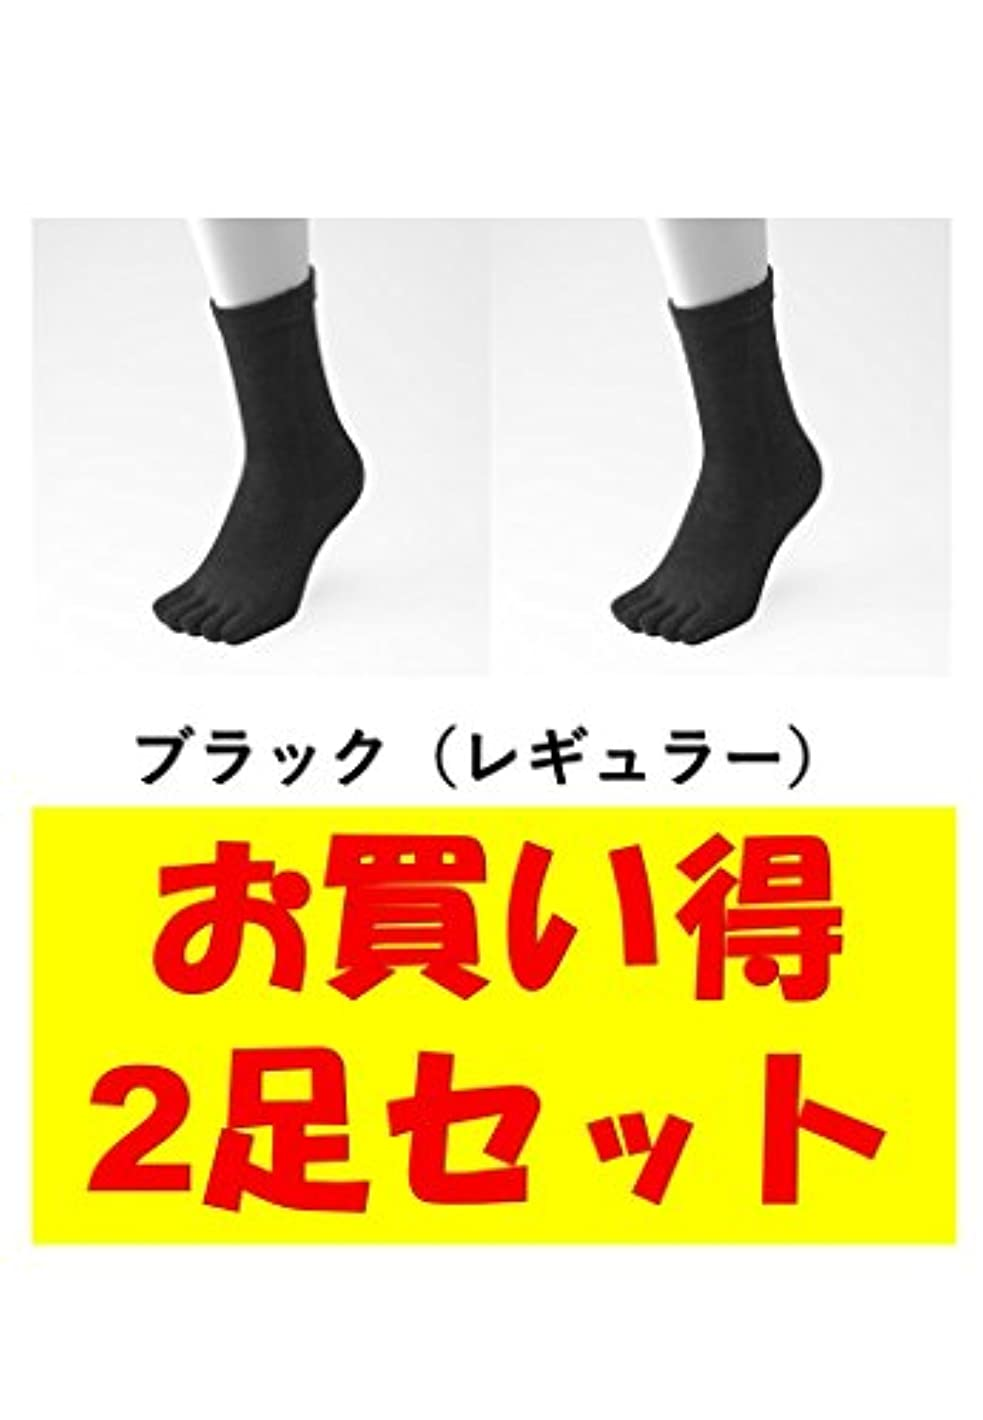 貫通部分的にアパルお買い得2足セット 5本指 ゆびのばソックス ゆびのばレギュラー ブラック 男性用 25.5cm-28.0cm HSREGR-BLK